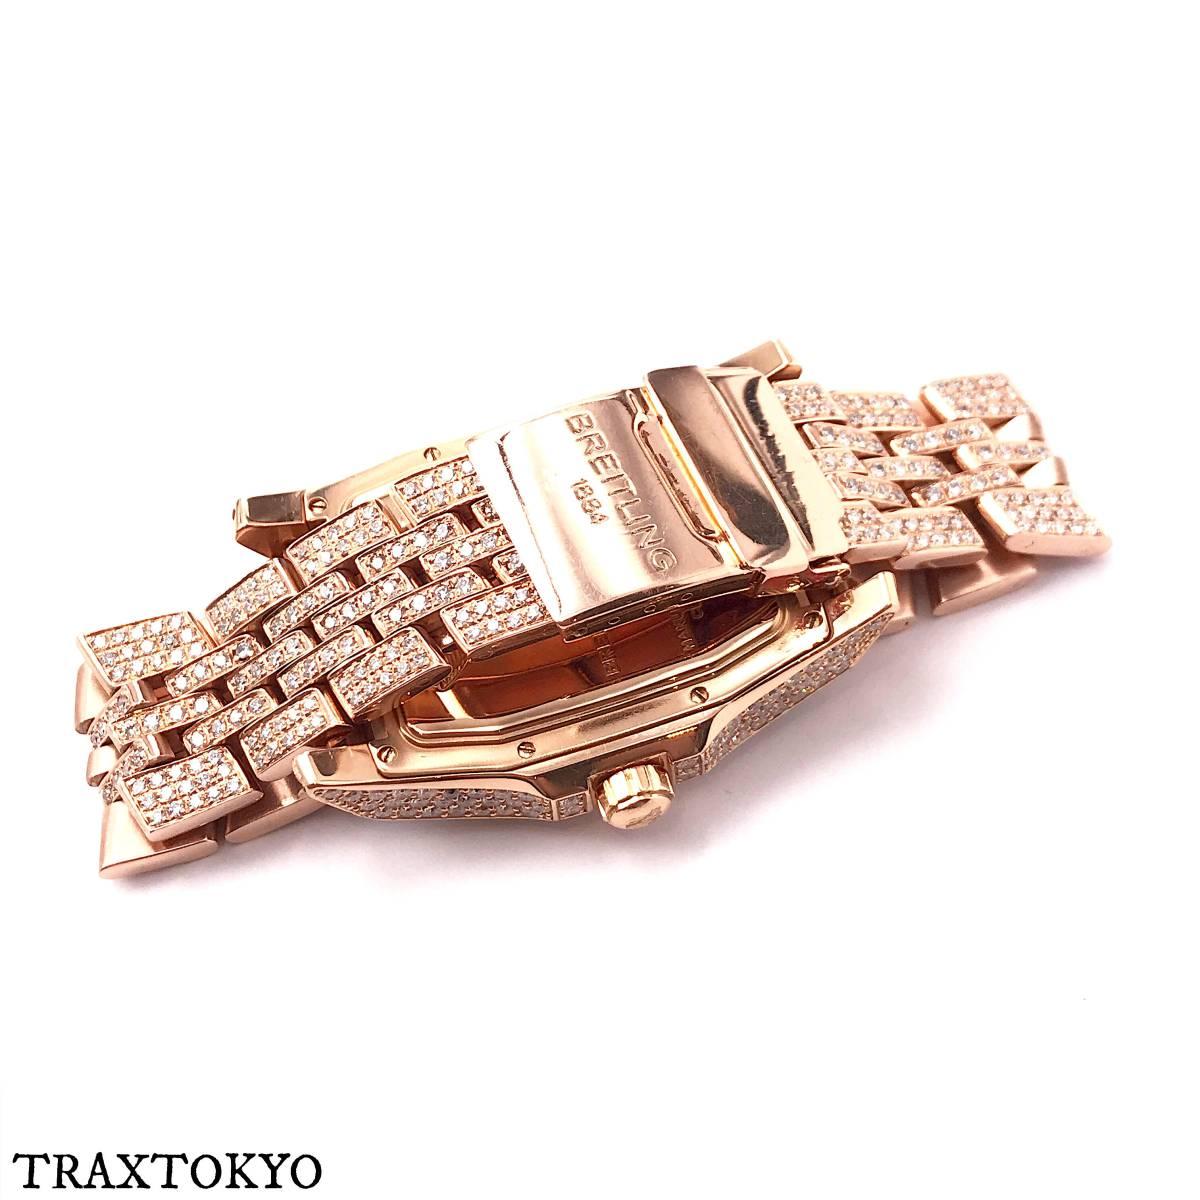 ブライトリング BREITLING ベントレー フライングB R28362 ピンクゴールド ダイヤモンド 美品 メンズ traxtokyo_画像9